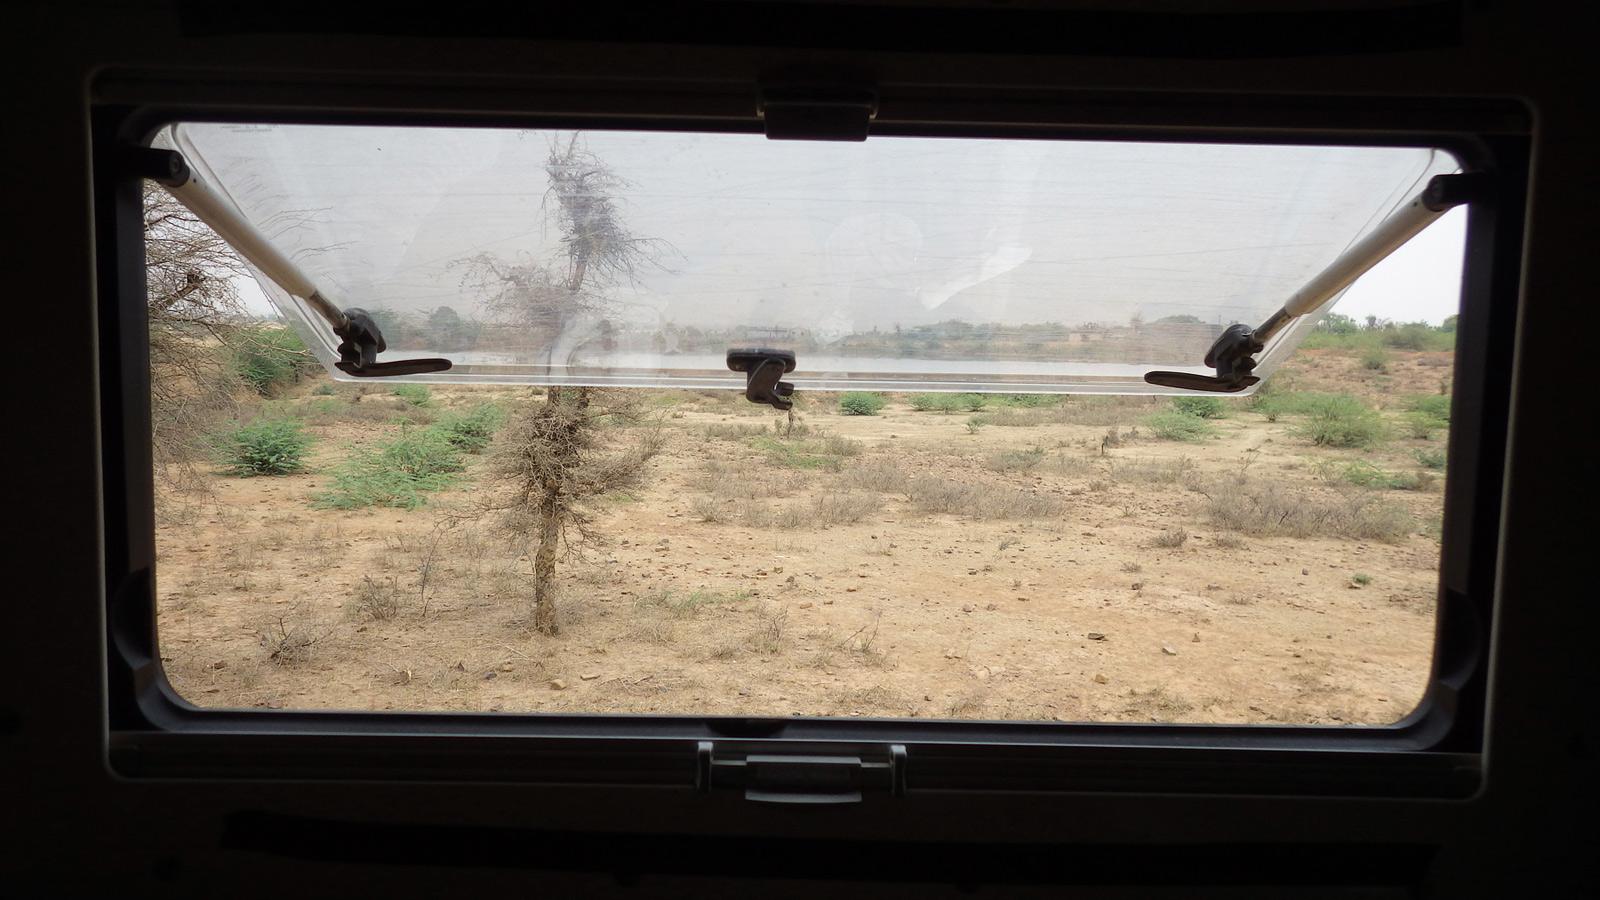 IMGP3421_2016_03_25-peu-après-Lakheri-(Rajasthan)